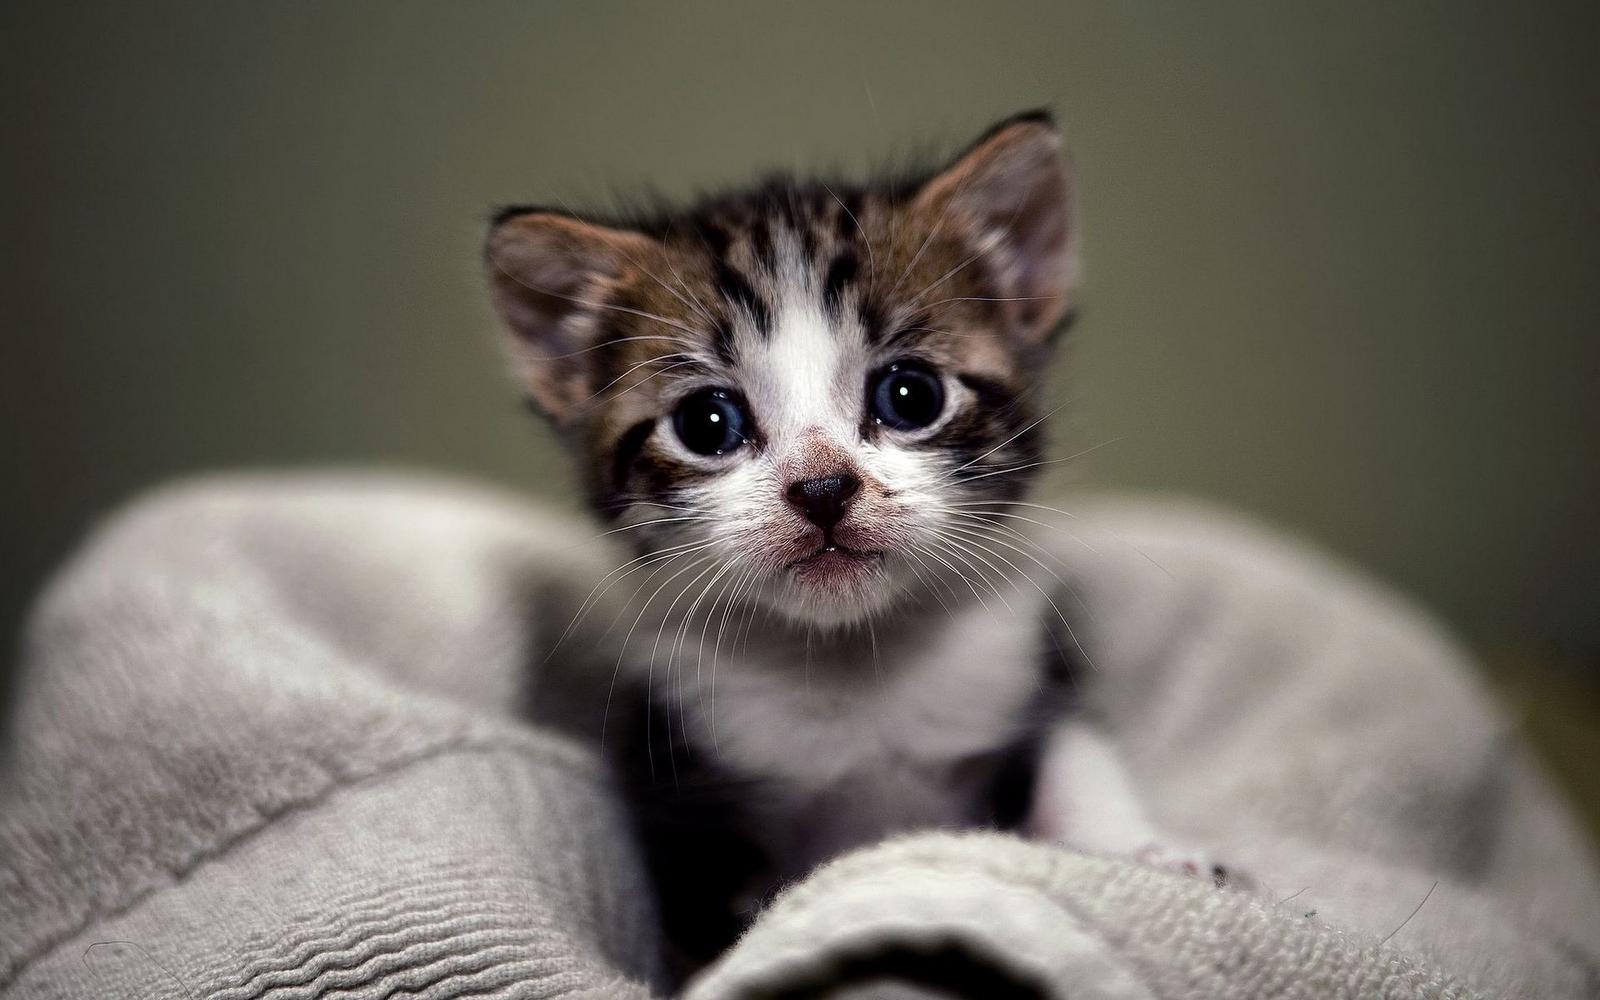 Cute Kitten Wallpaper The Desktop Wallpaper 1600x1000